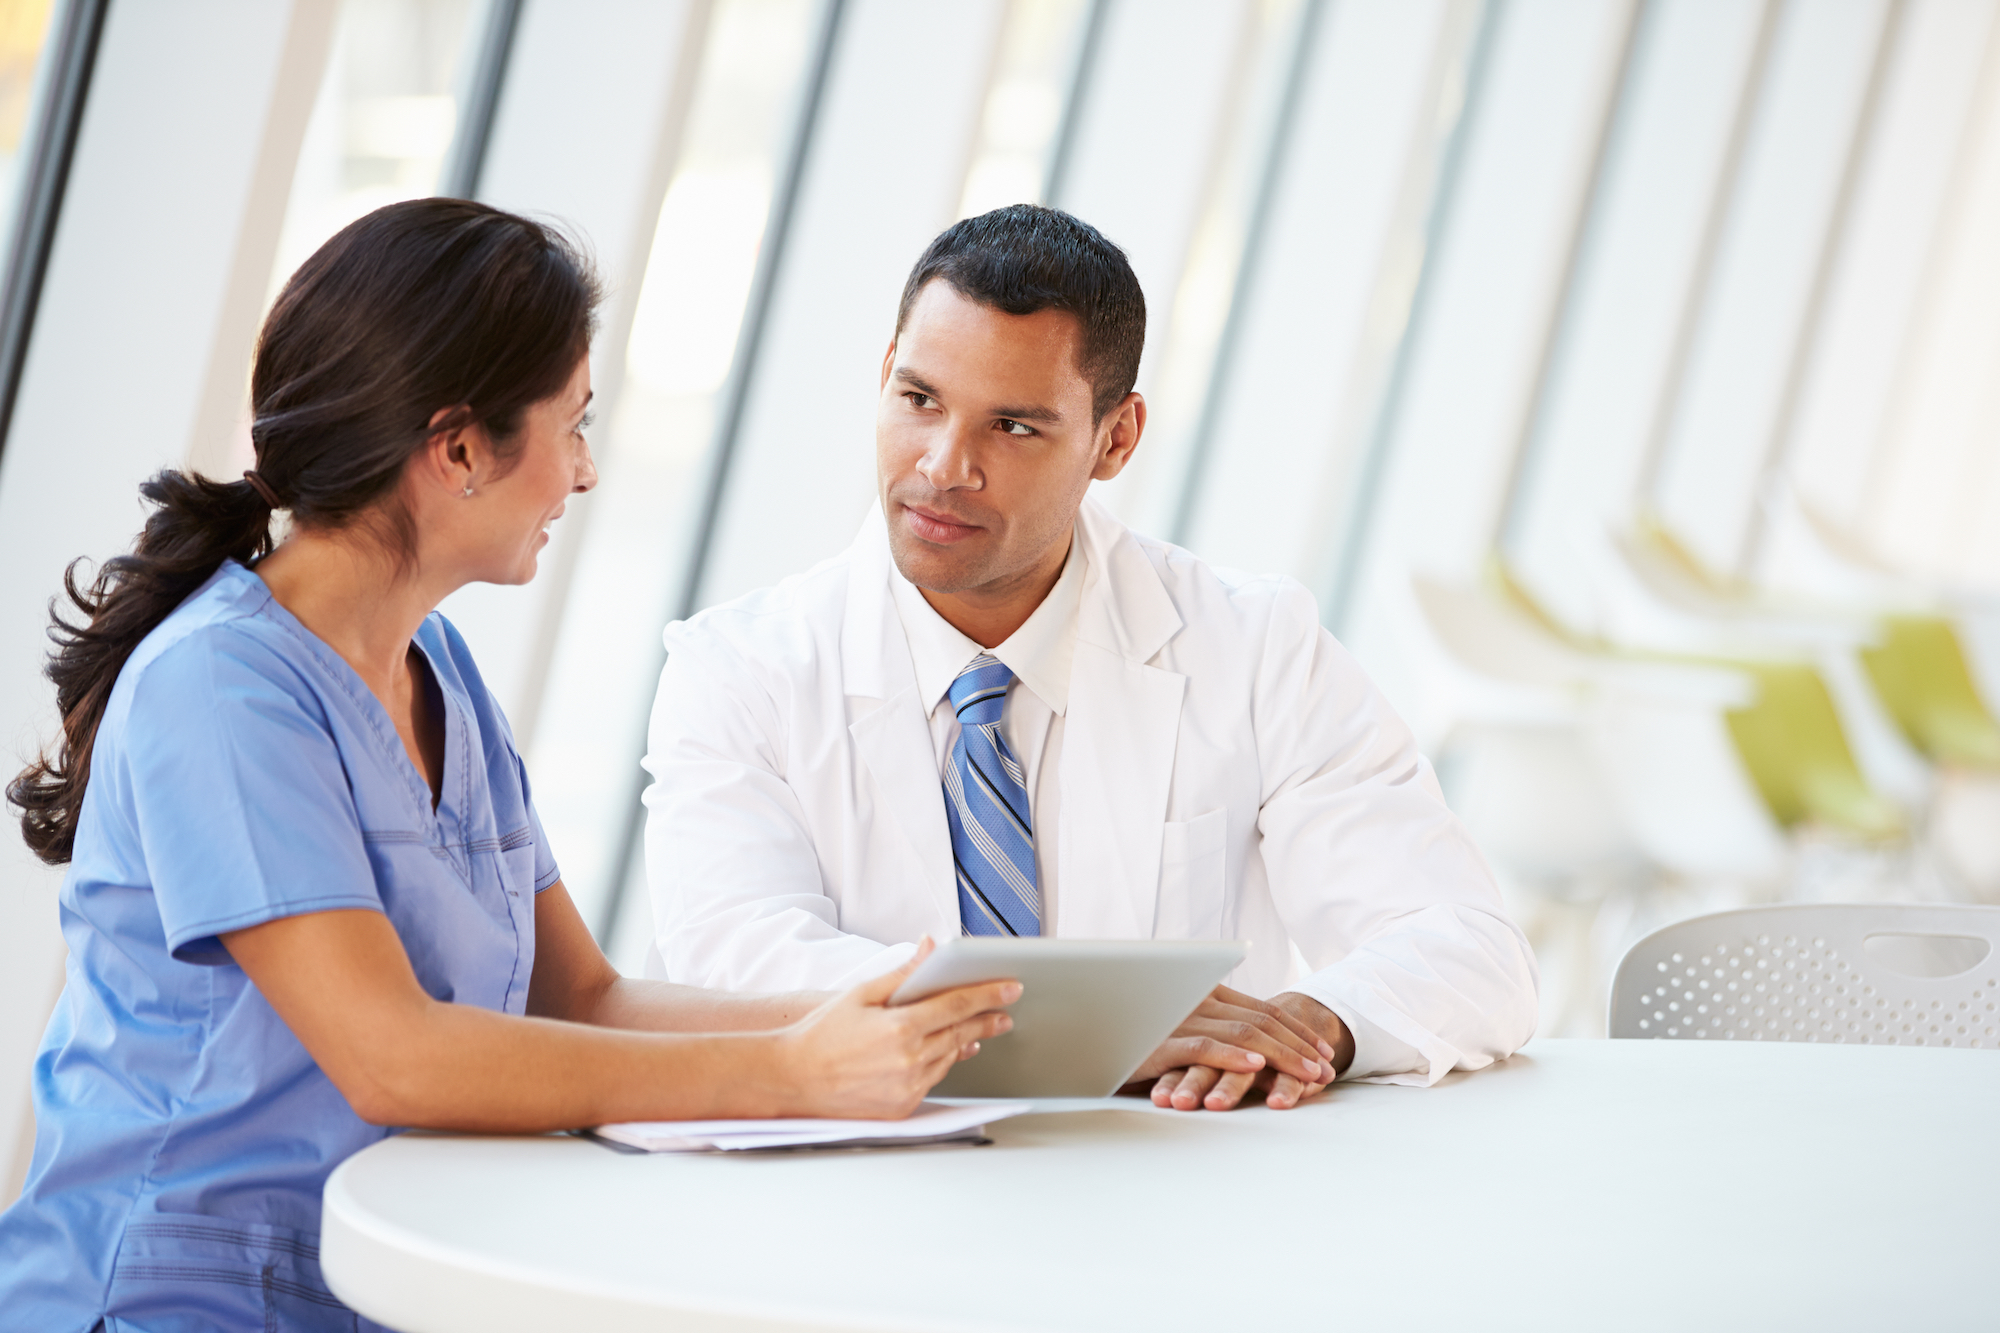 Man helpt dokter bij de implementatie van SmartMed